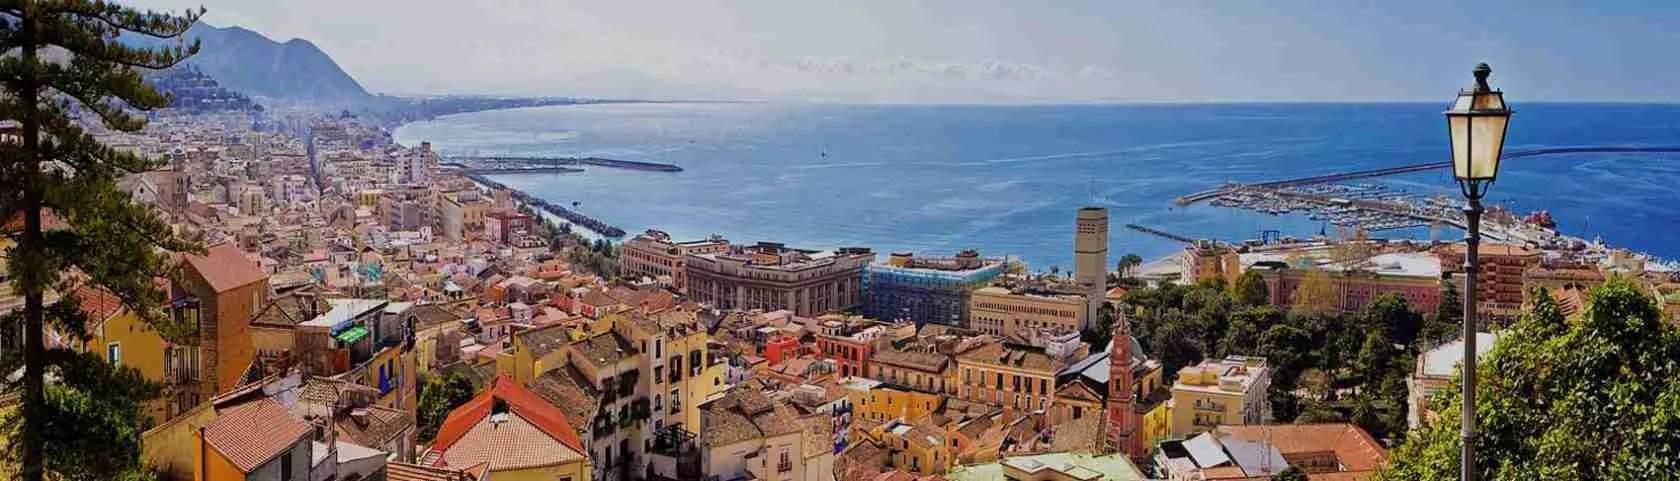 Per una serata romantica in compagnia di una escort Salermo, il panorama che si può ammirare dal Golfo di Salerno è unico.